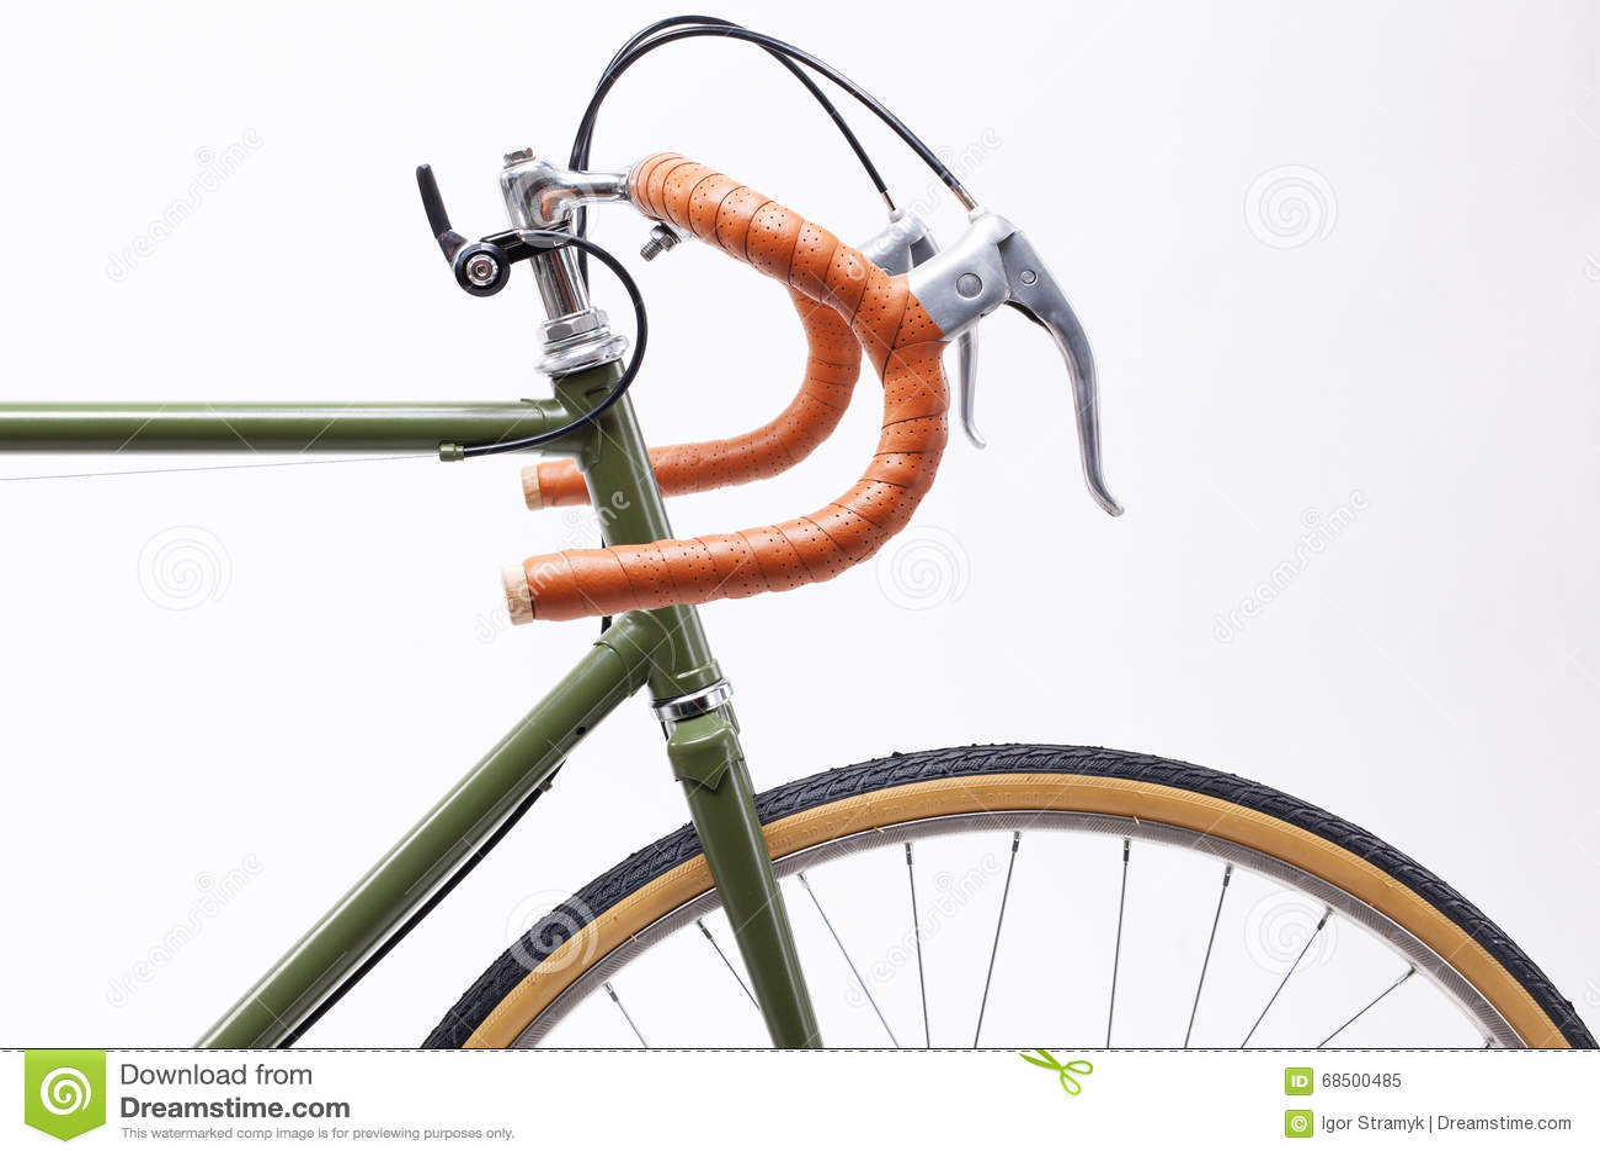 d9a34b189b5 Vintage bicycle handlebar stock image. Image of handmade - 68500485